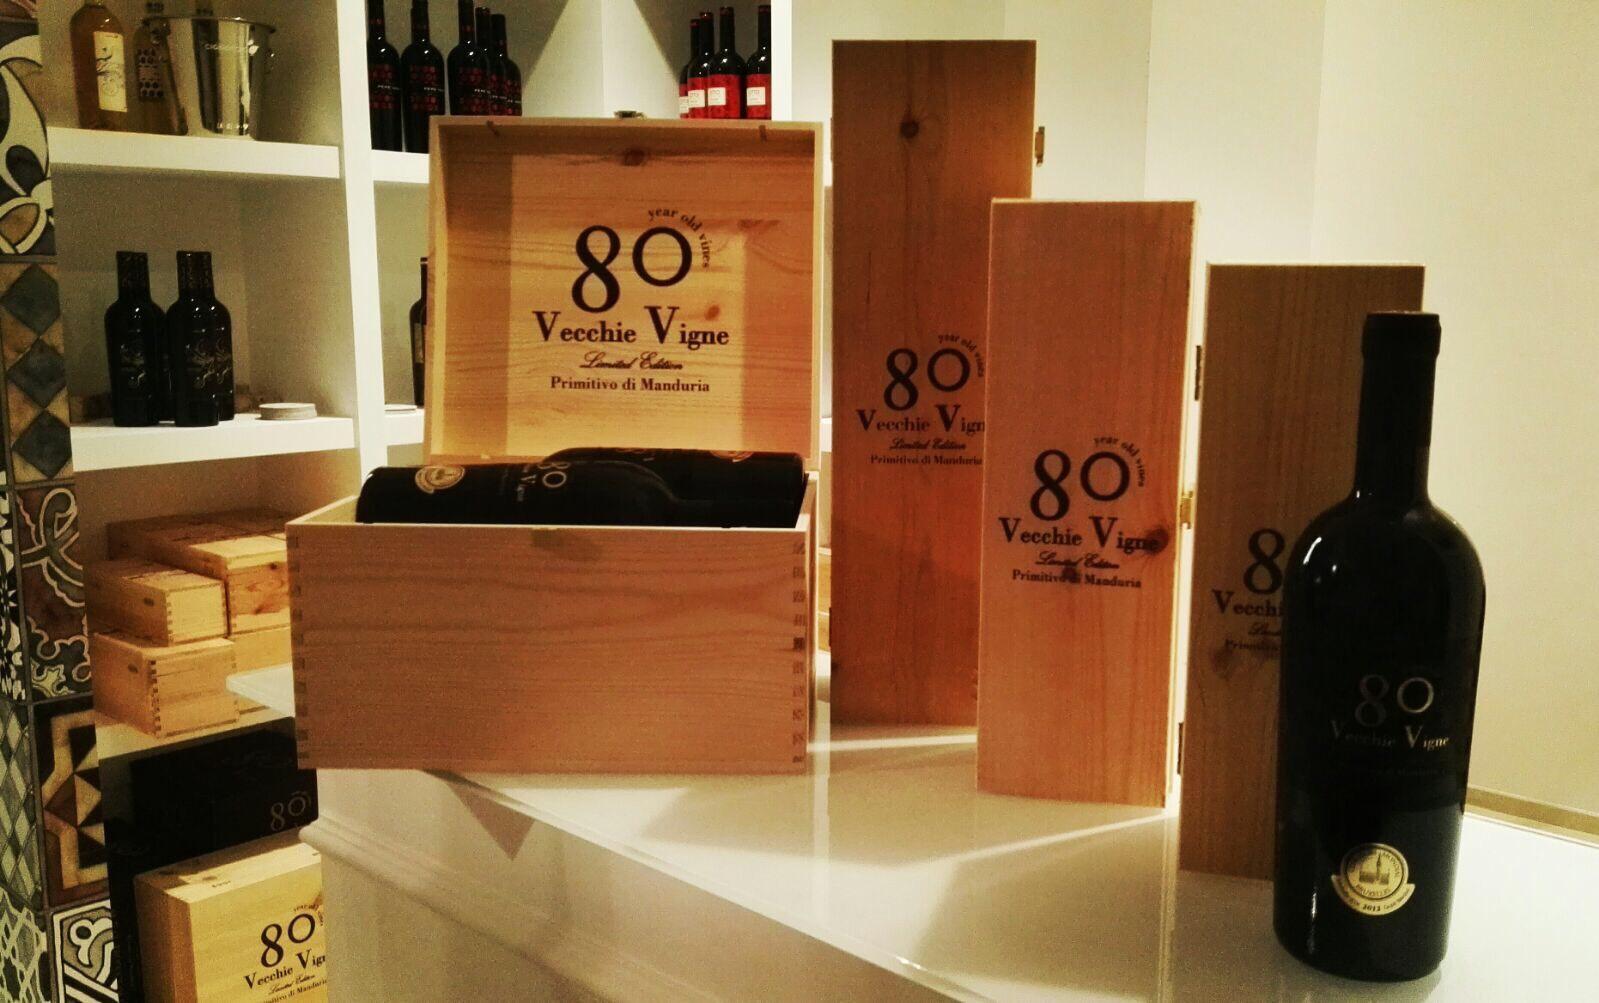 Primitivo di Manduria 80 Vecchie Vigne DOC 0,75L dřevěná krabička